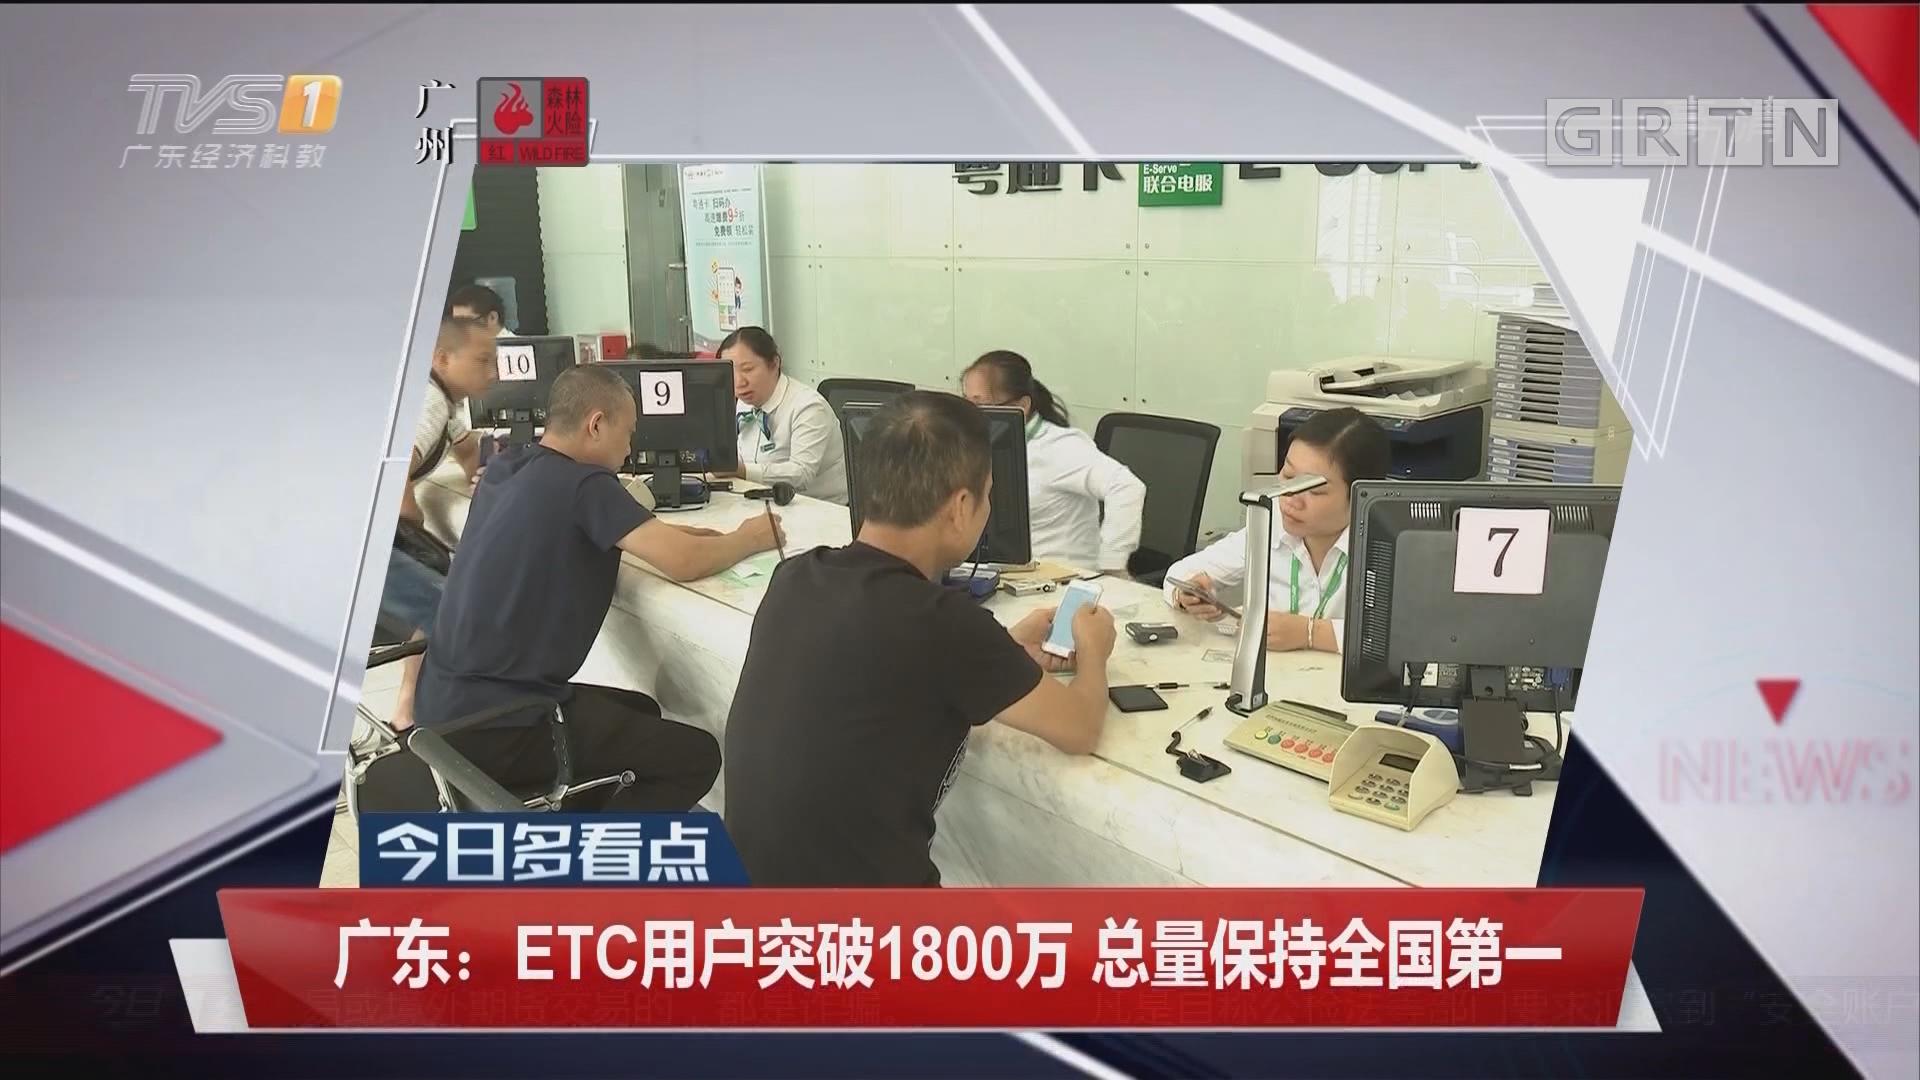 广东:ETC用户突破1800万 总量保持全国第一